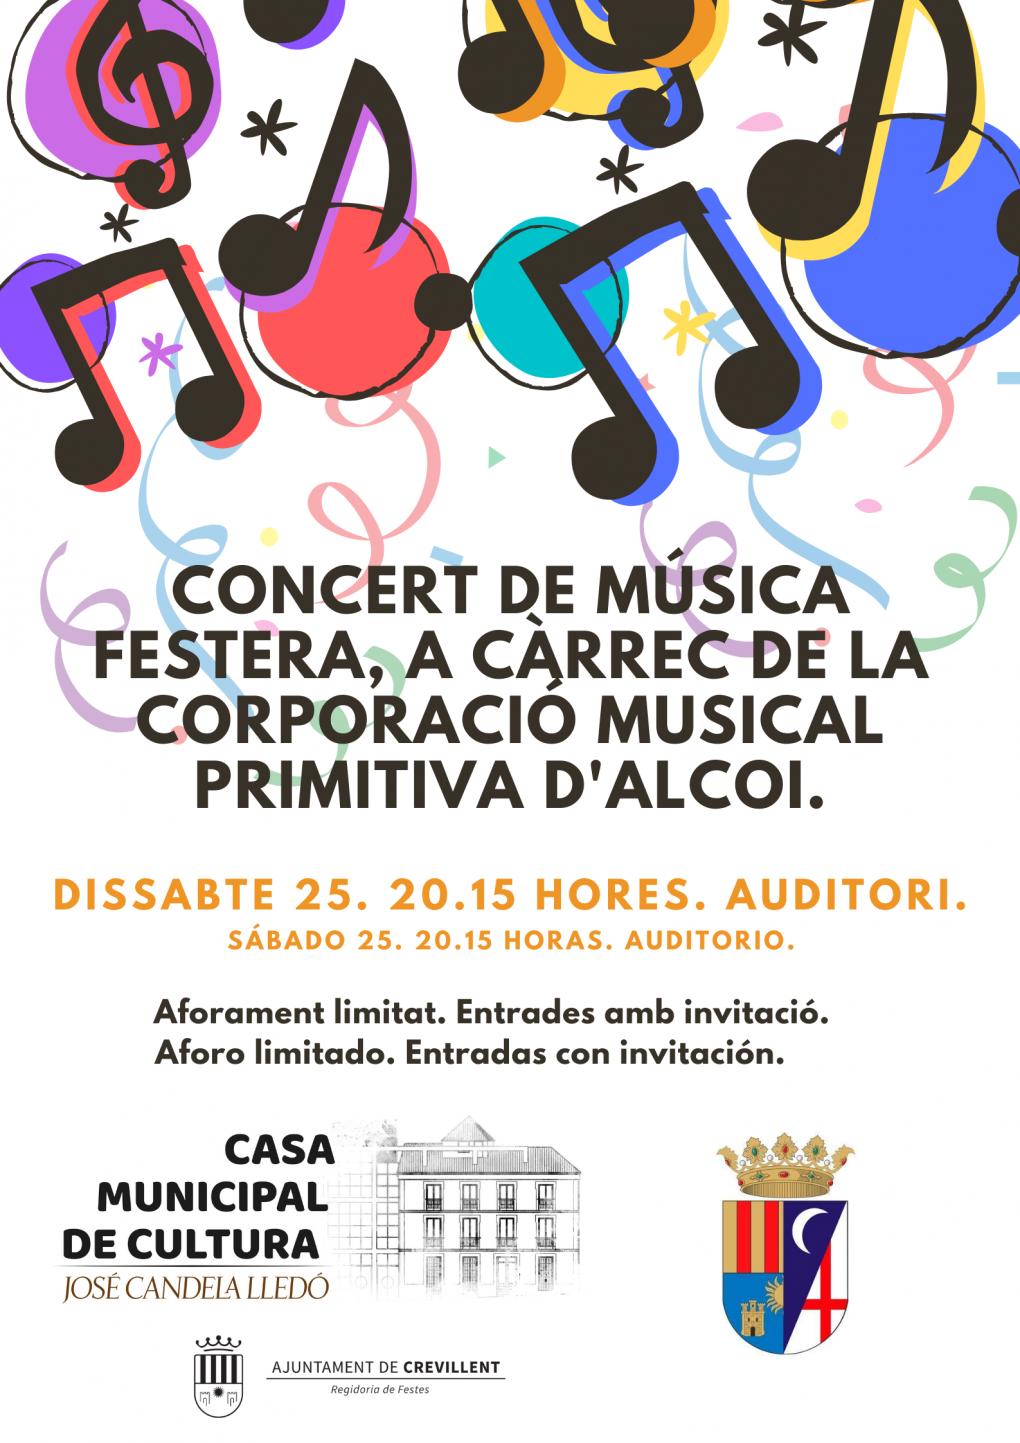 CONCERT DE MÚSICA FESTERA, A CÀRREC DE LA CORPORACIÓ MUSICAL PRIMITIVA D'ALCOI.